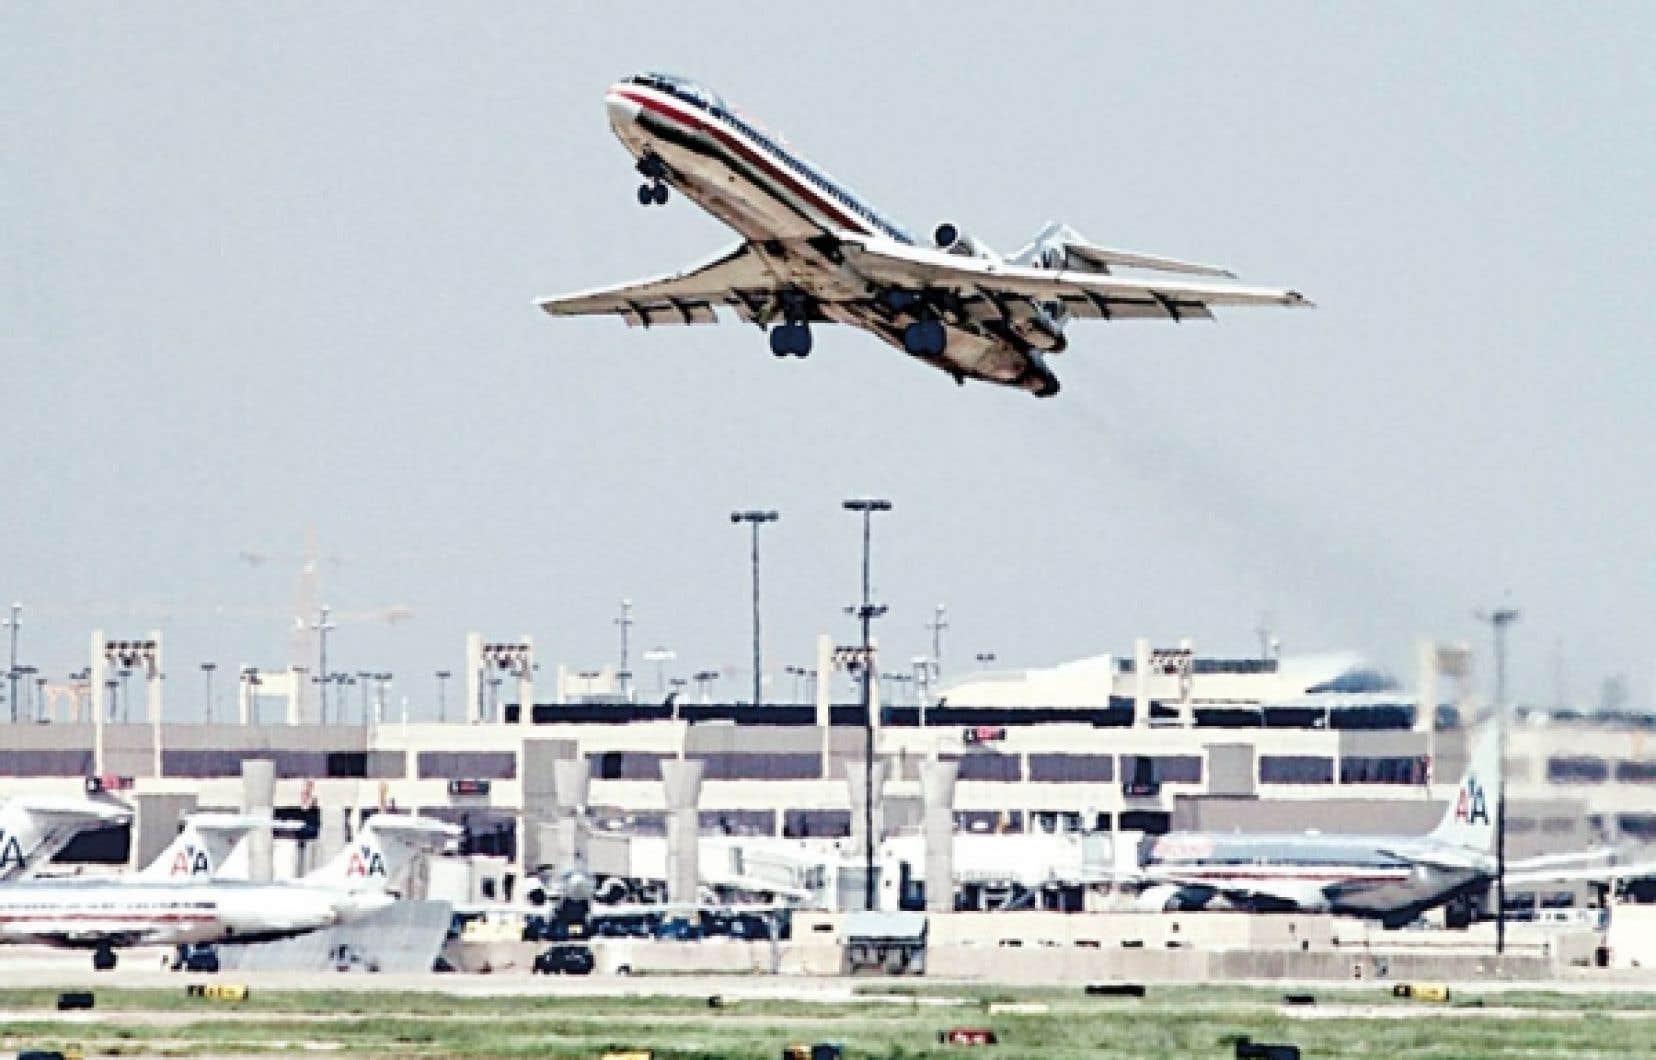 Les défis de tous ordres qui attendent l'industrie de l'aviation du XXIe siècle sont énormes.